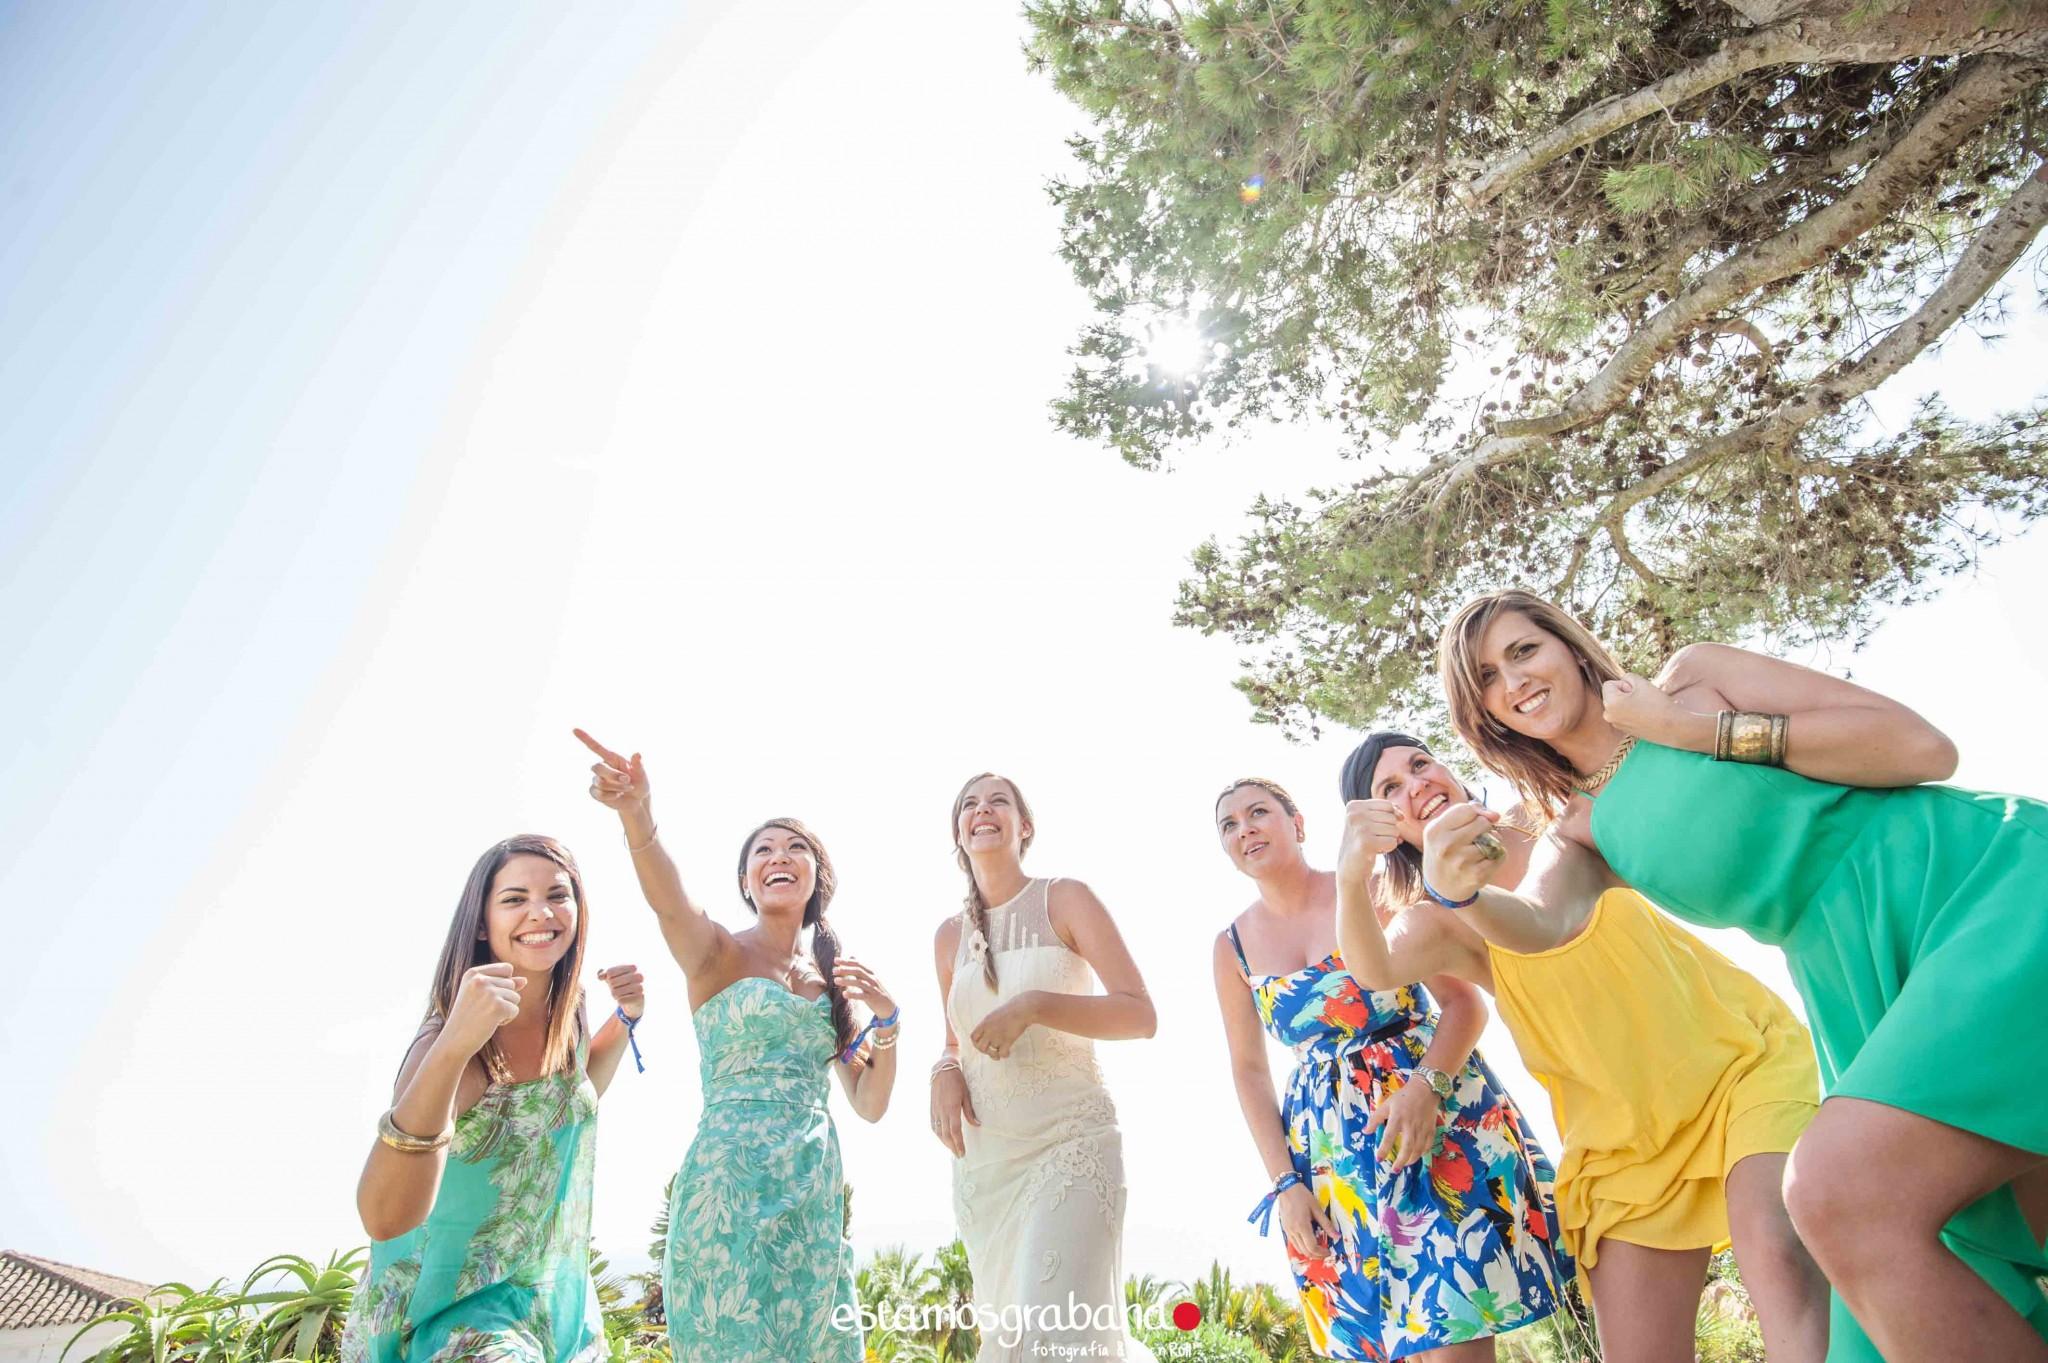 Alba-y-Jose-BTTW-30 Los invitados de Alba & Jose [Back to the wedding_Atlanterra, Zahara de los Atunes] - video boda cadiz